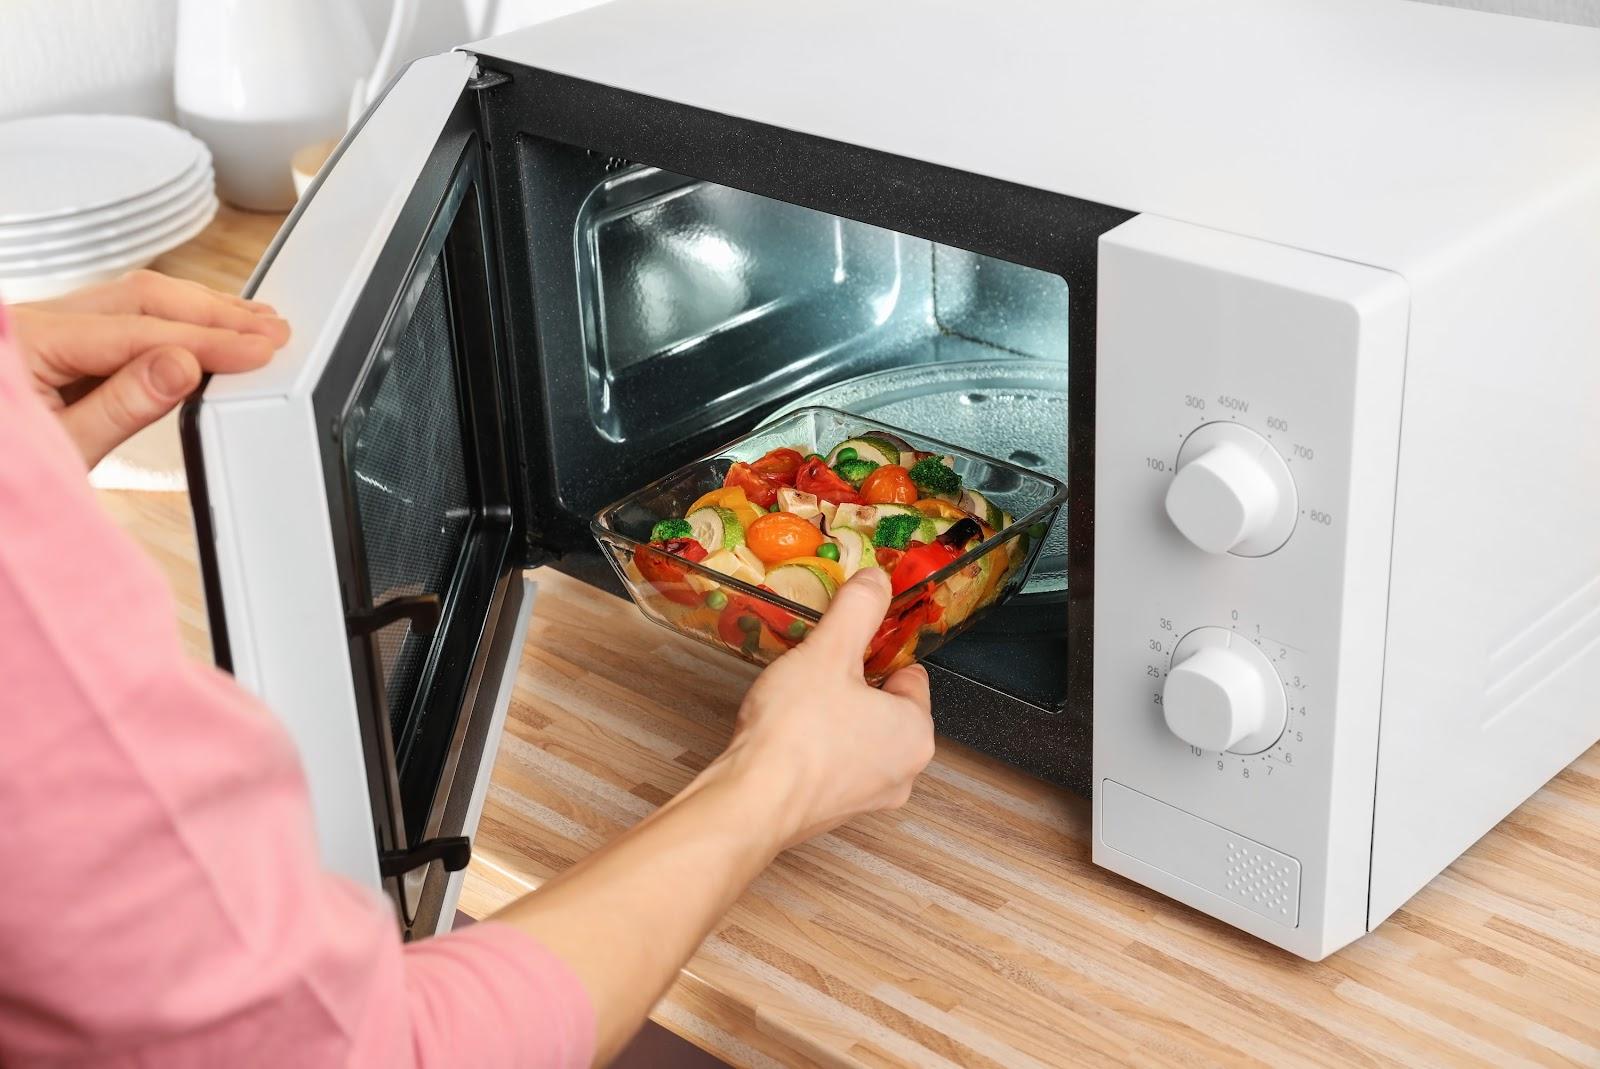 Những loại thực phẩm không nên hâm nóng bằng lò vi sóng nếu không muốn chúng phát nổ hay tích tụ chất độc - Ảnh 7.